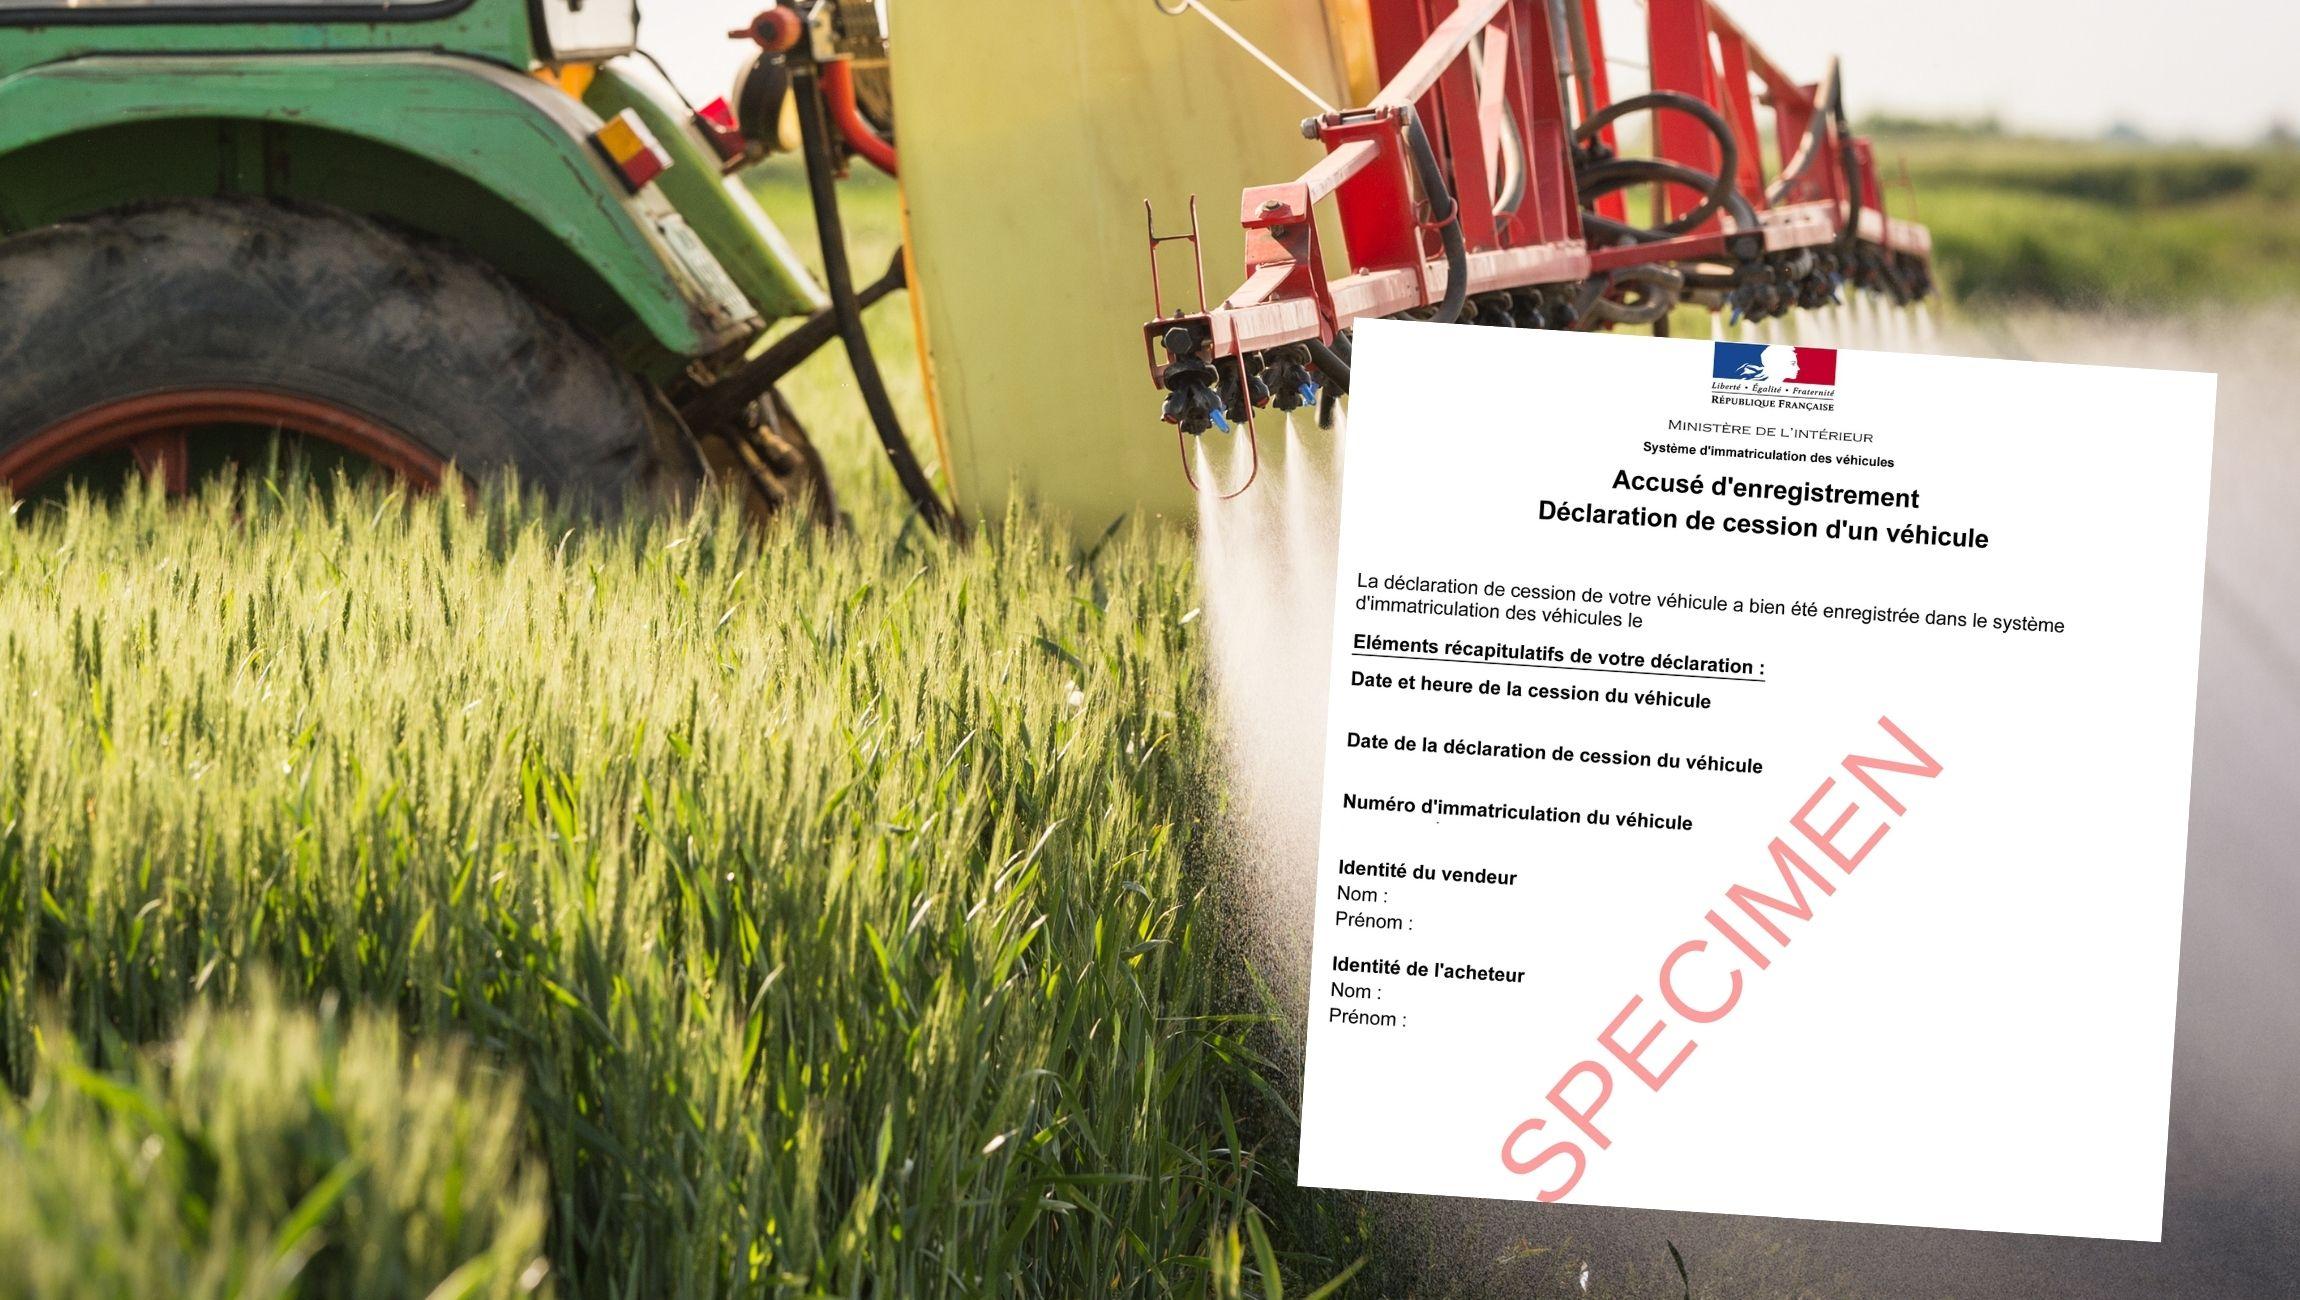 accusé d'enregistrement cession tracteur